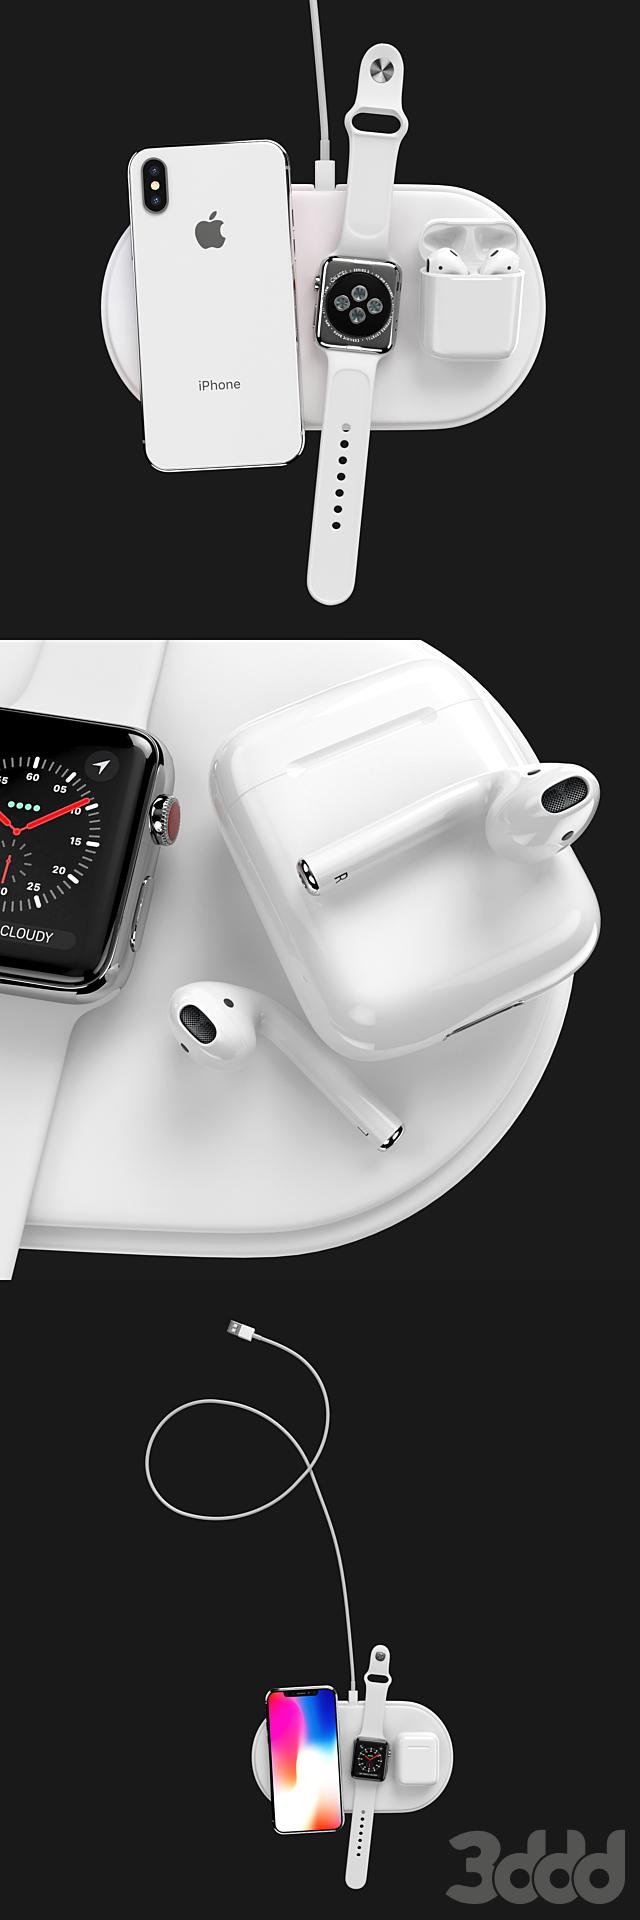 Apple Set